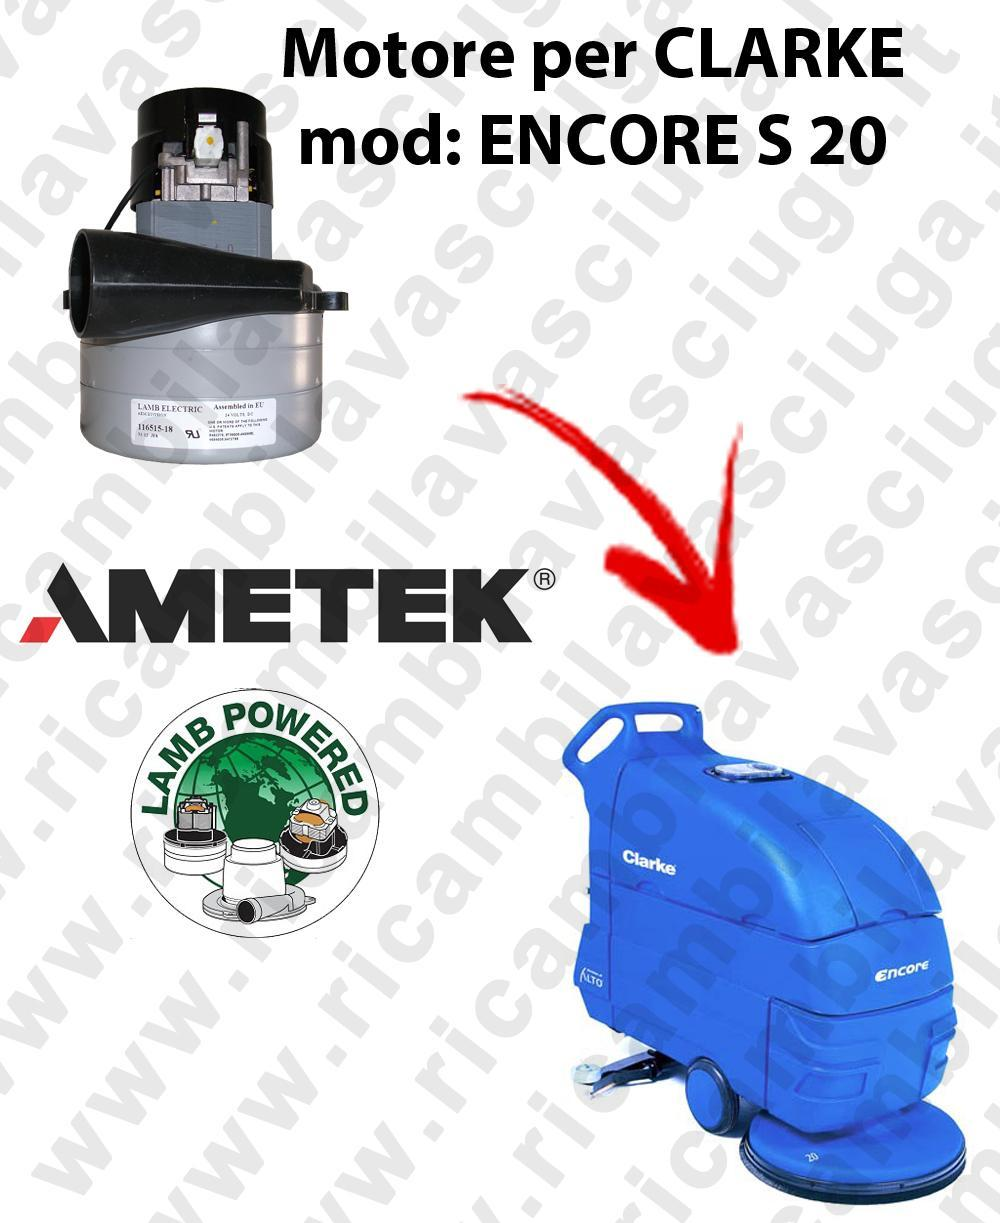 ENCORE S 20 Saugmotor LAMB AMETEK für scheuersaugmaschinen CLARKE